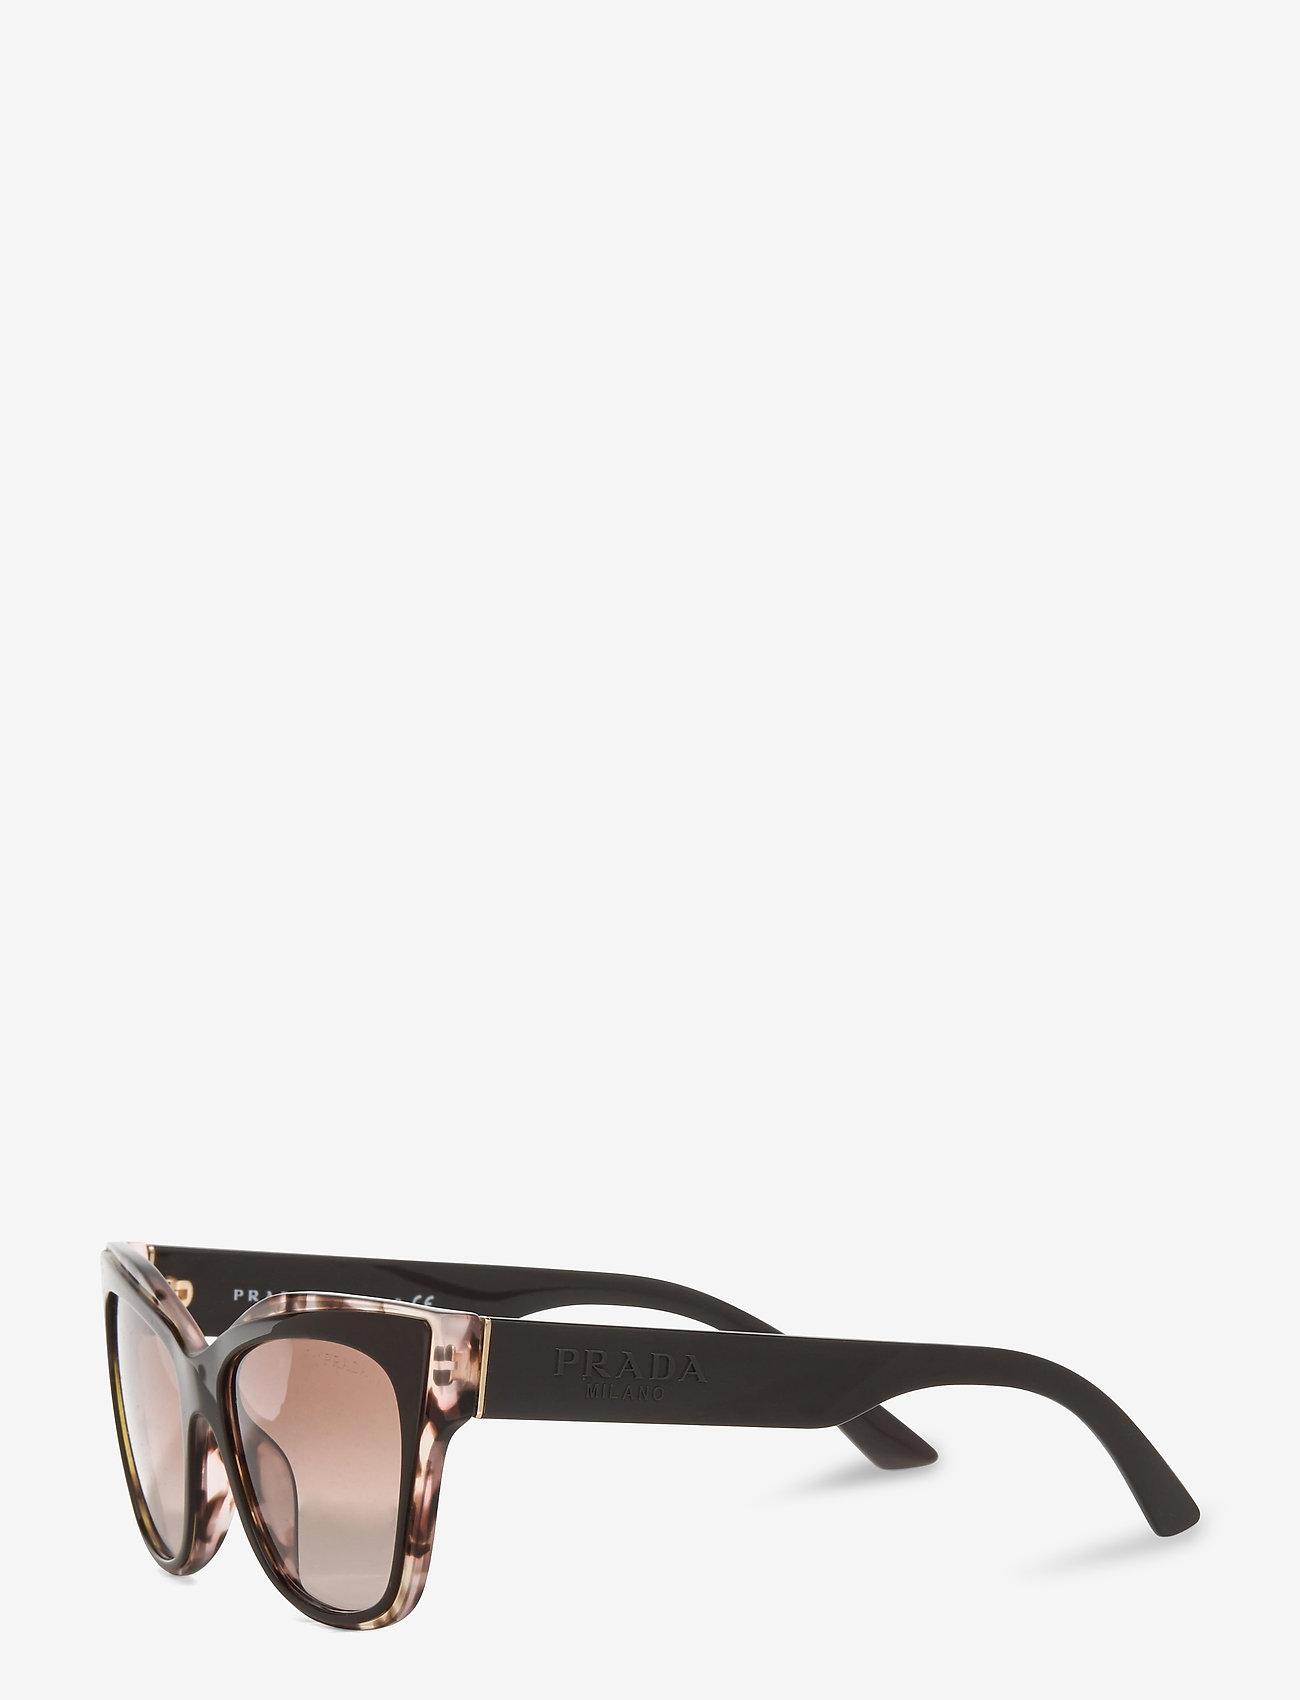 Prada Sunglasses - Sunglasses - wayfarer - brown gradient - 1